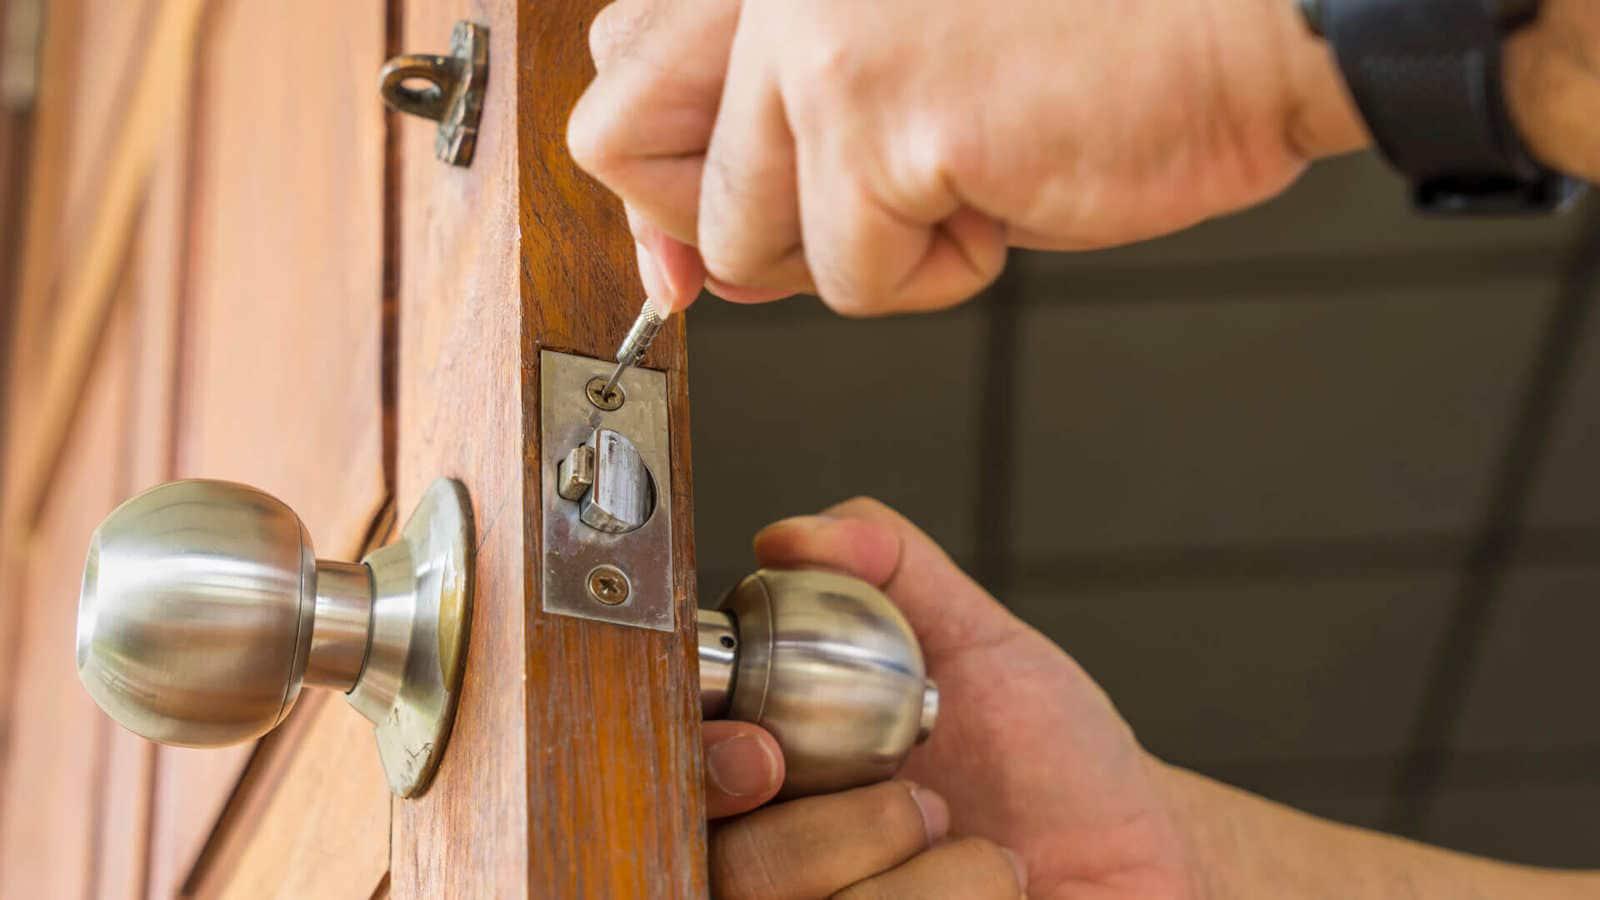 KeyMe Locksmiths in Bel Air